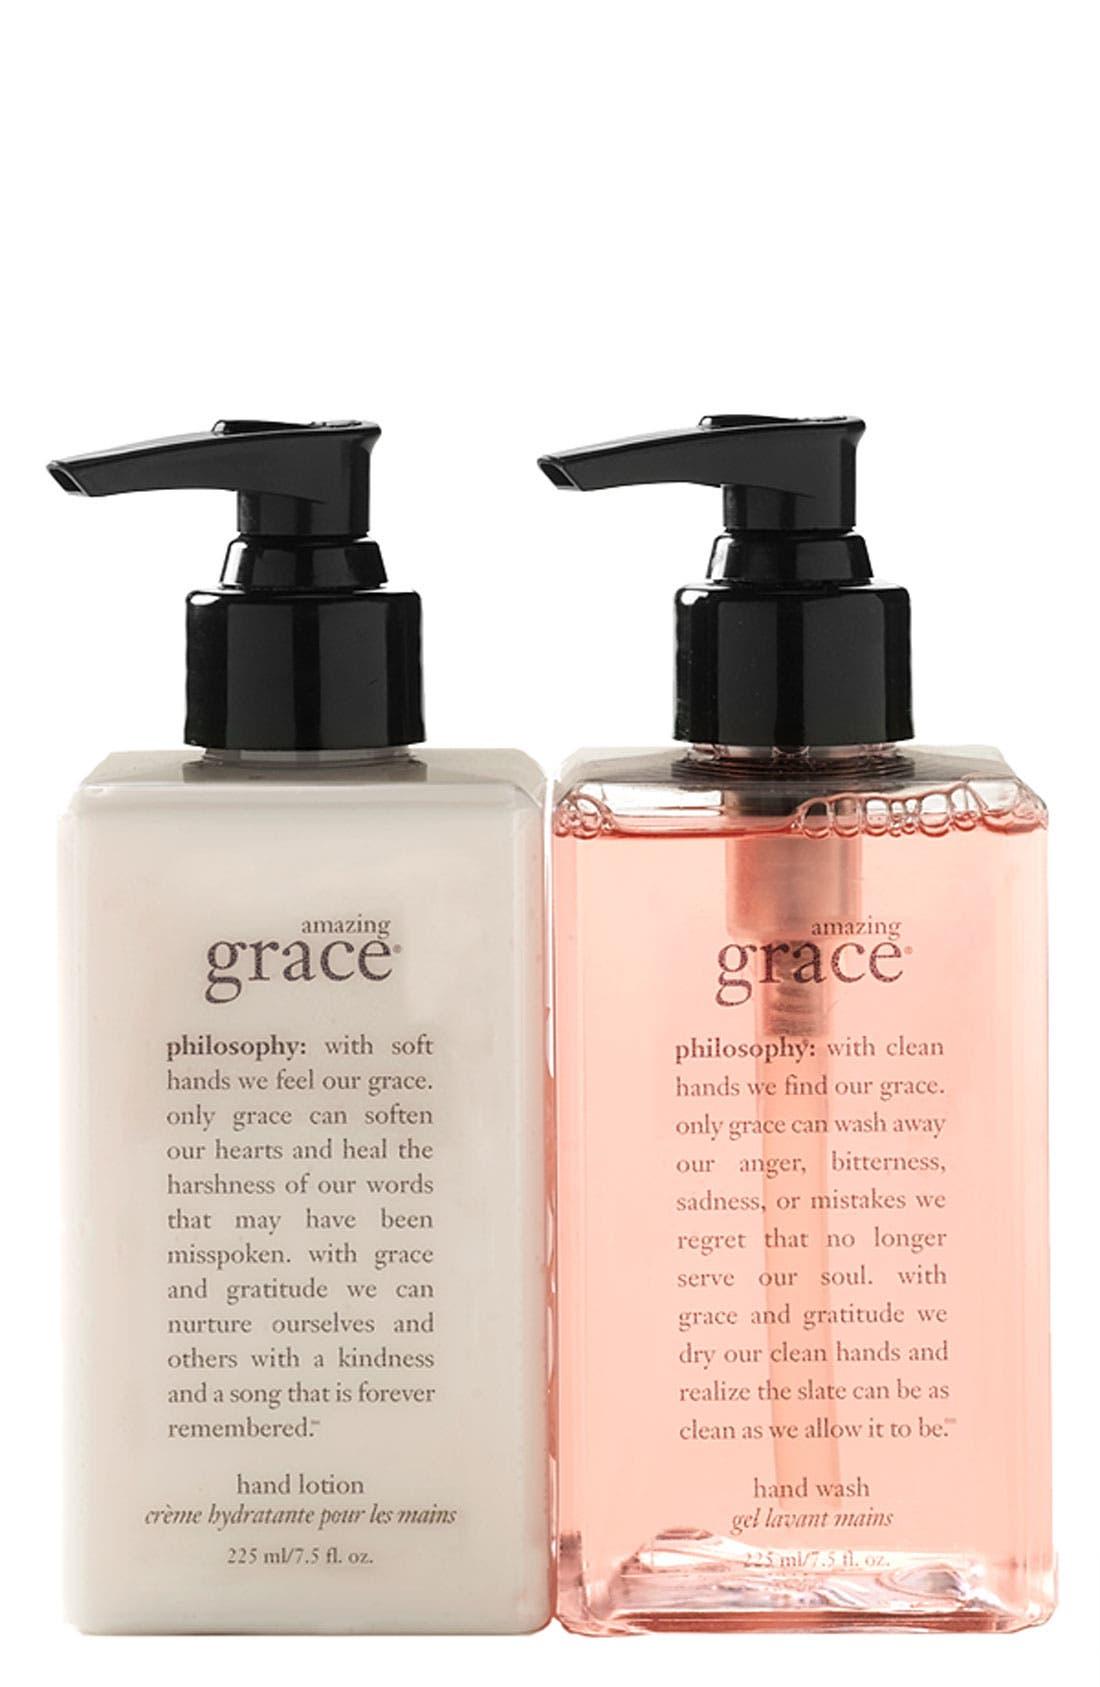 Alternate Image 2  - philosophy 'amazing grace' hand wash & hand lotion set ($36 Value)